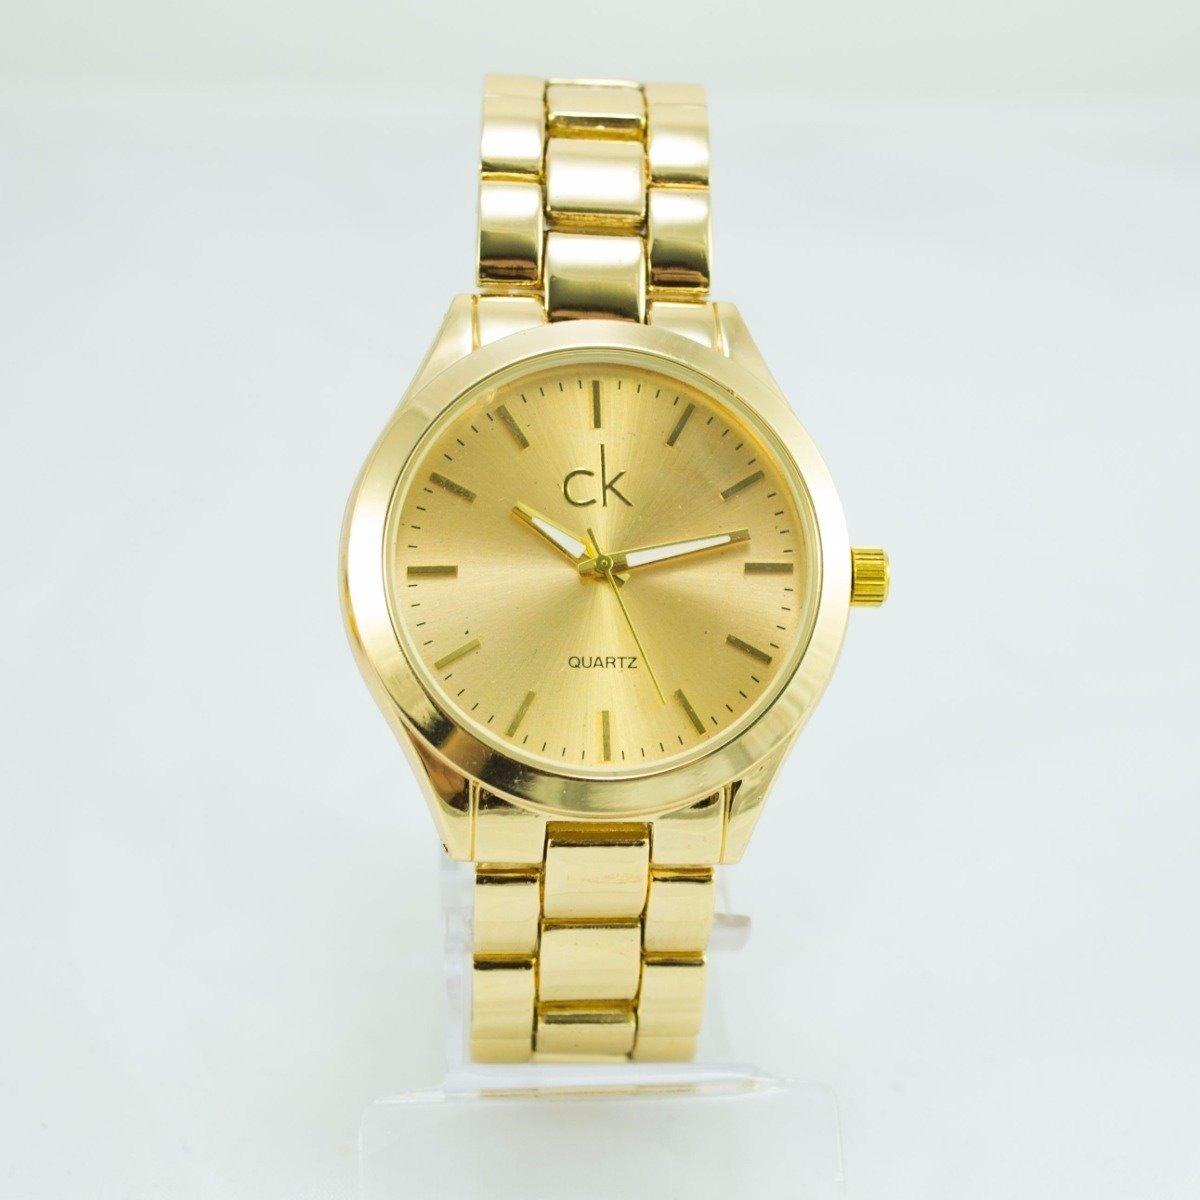 0916bc9c8a6 relógio feminino ck dourado luxo analógico rose preto +caixa. Carregando  zoom.